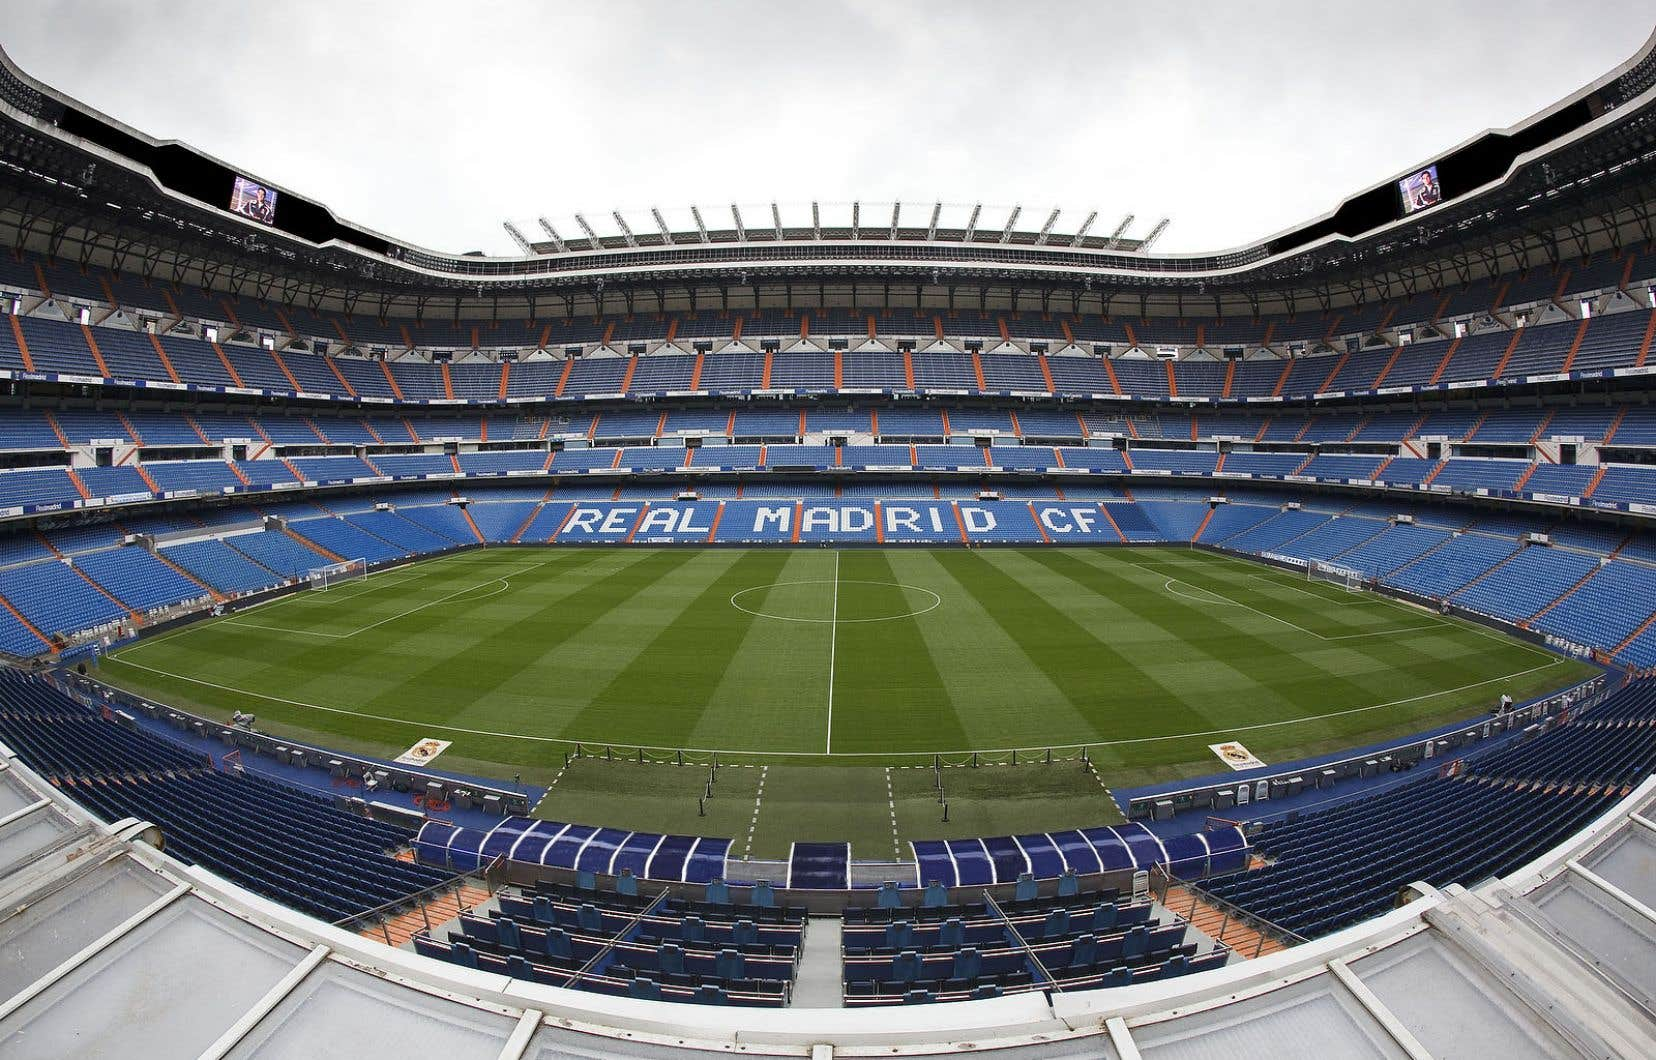 À quelque 600 kilomètres du Camp Nou se dresse le stade Santiago Bernabéu, foyer des ennemis jurés du club barcelonais: le Real Madrid.